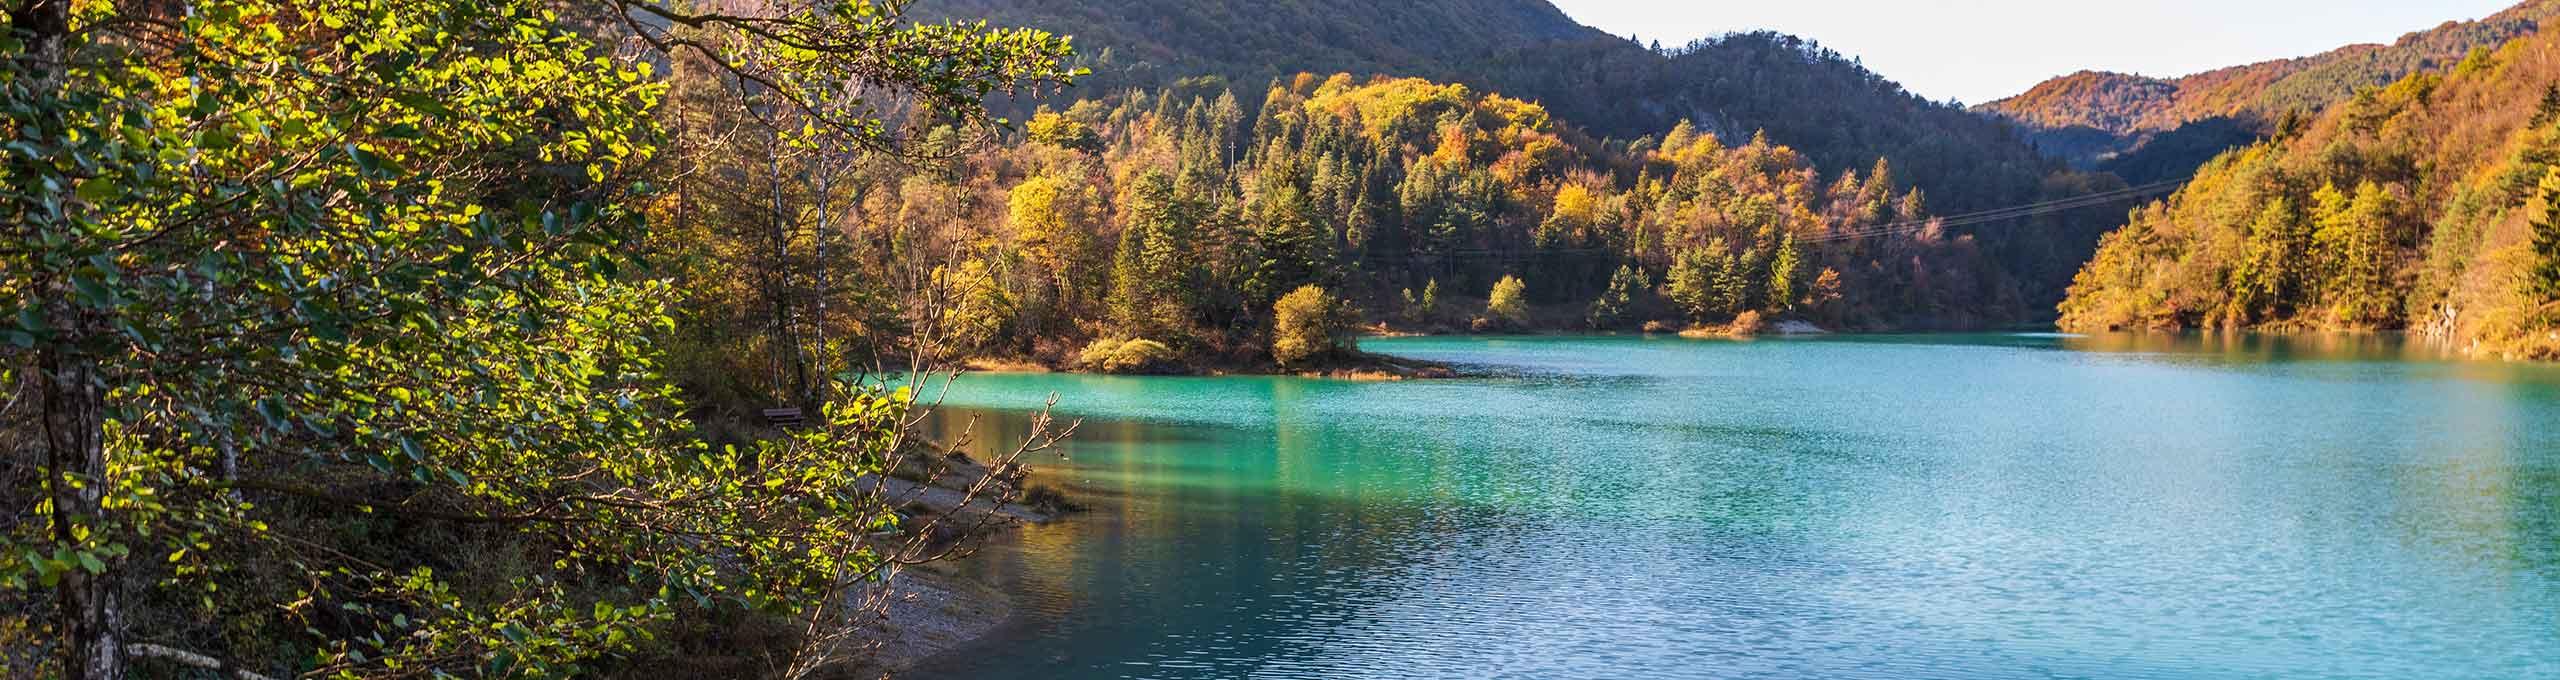 Lago di Verzegnis, Carnia